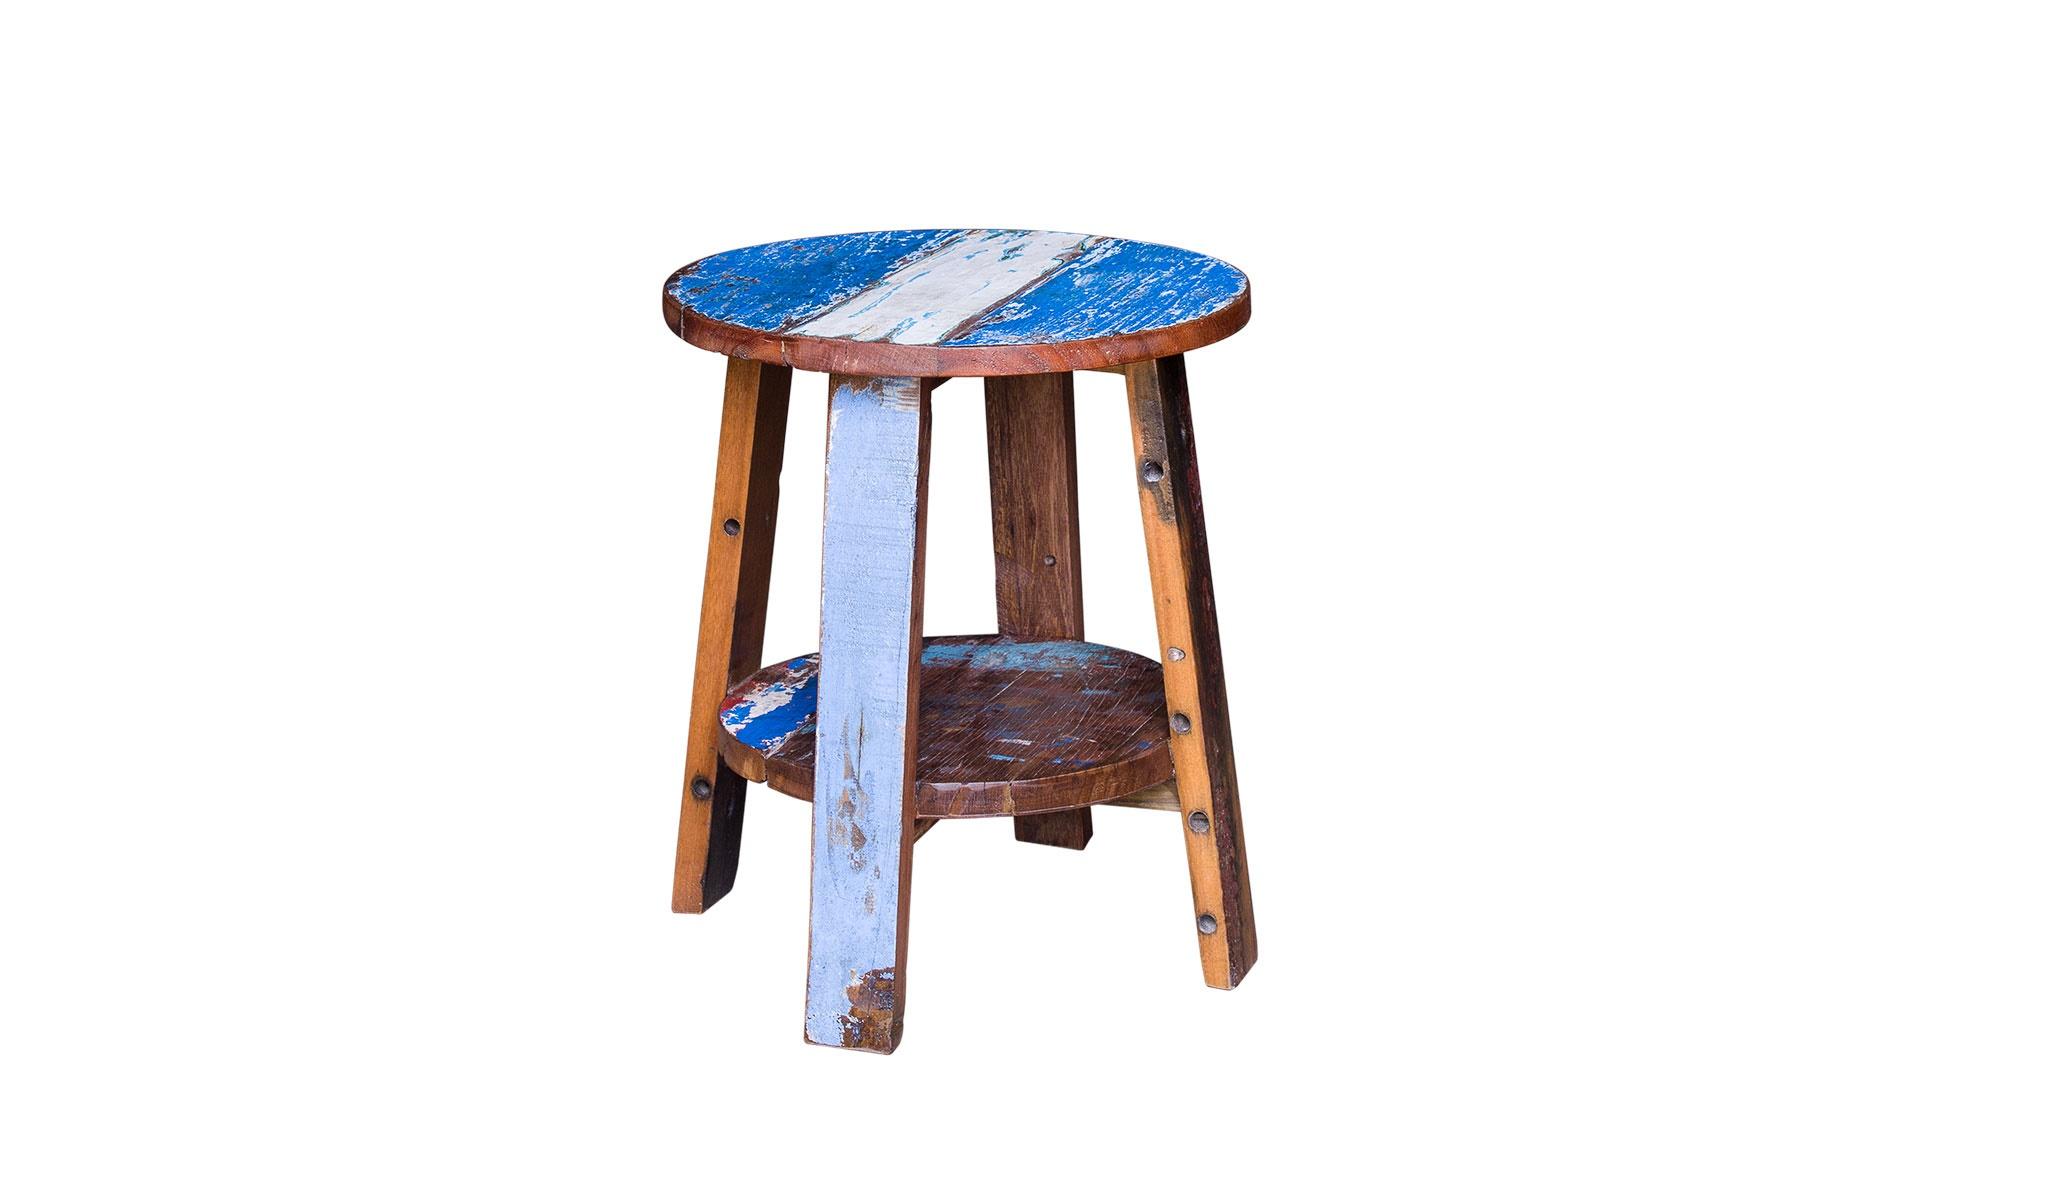 Табурет ГандиТабуреты<br>&amp;lt;div&amp;gt;Очень простой по форме табурет из дерева впечатляет яркой отделкой. По его &amp;amp;nbsp;корпусу растеклись разные краски, оставляя хаотичные подтеки. Табурет позволит импровизировать с пространством: он может стать столиком, консолью или тумбой. &amp;quot;Ганди&amp;quot; — это предмет, открытый к смелым экспериментам в интерьере.&amp;lt;/div&amp;gt;&amp;lt;div&amp;gt;&amp;lt;br&amp;gt;&amp;lt;/div&amp;gt;Табурет выполнен из массива древесины старого рыбацкого судна, такой как: тик, махогон, суар, с сохранением оригинальной многослойной окраски. Сборка не требуется.<br>Страна производитель - Индонезия.<br><br>Material: Тик<br>Length см: 45<br>Width см: 45<br>Height см: 55